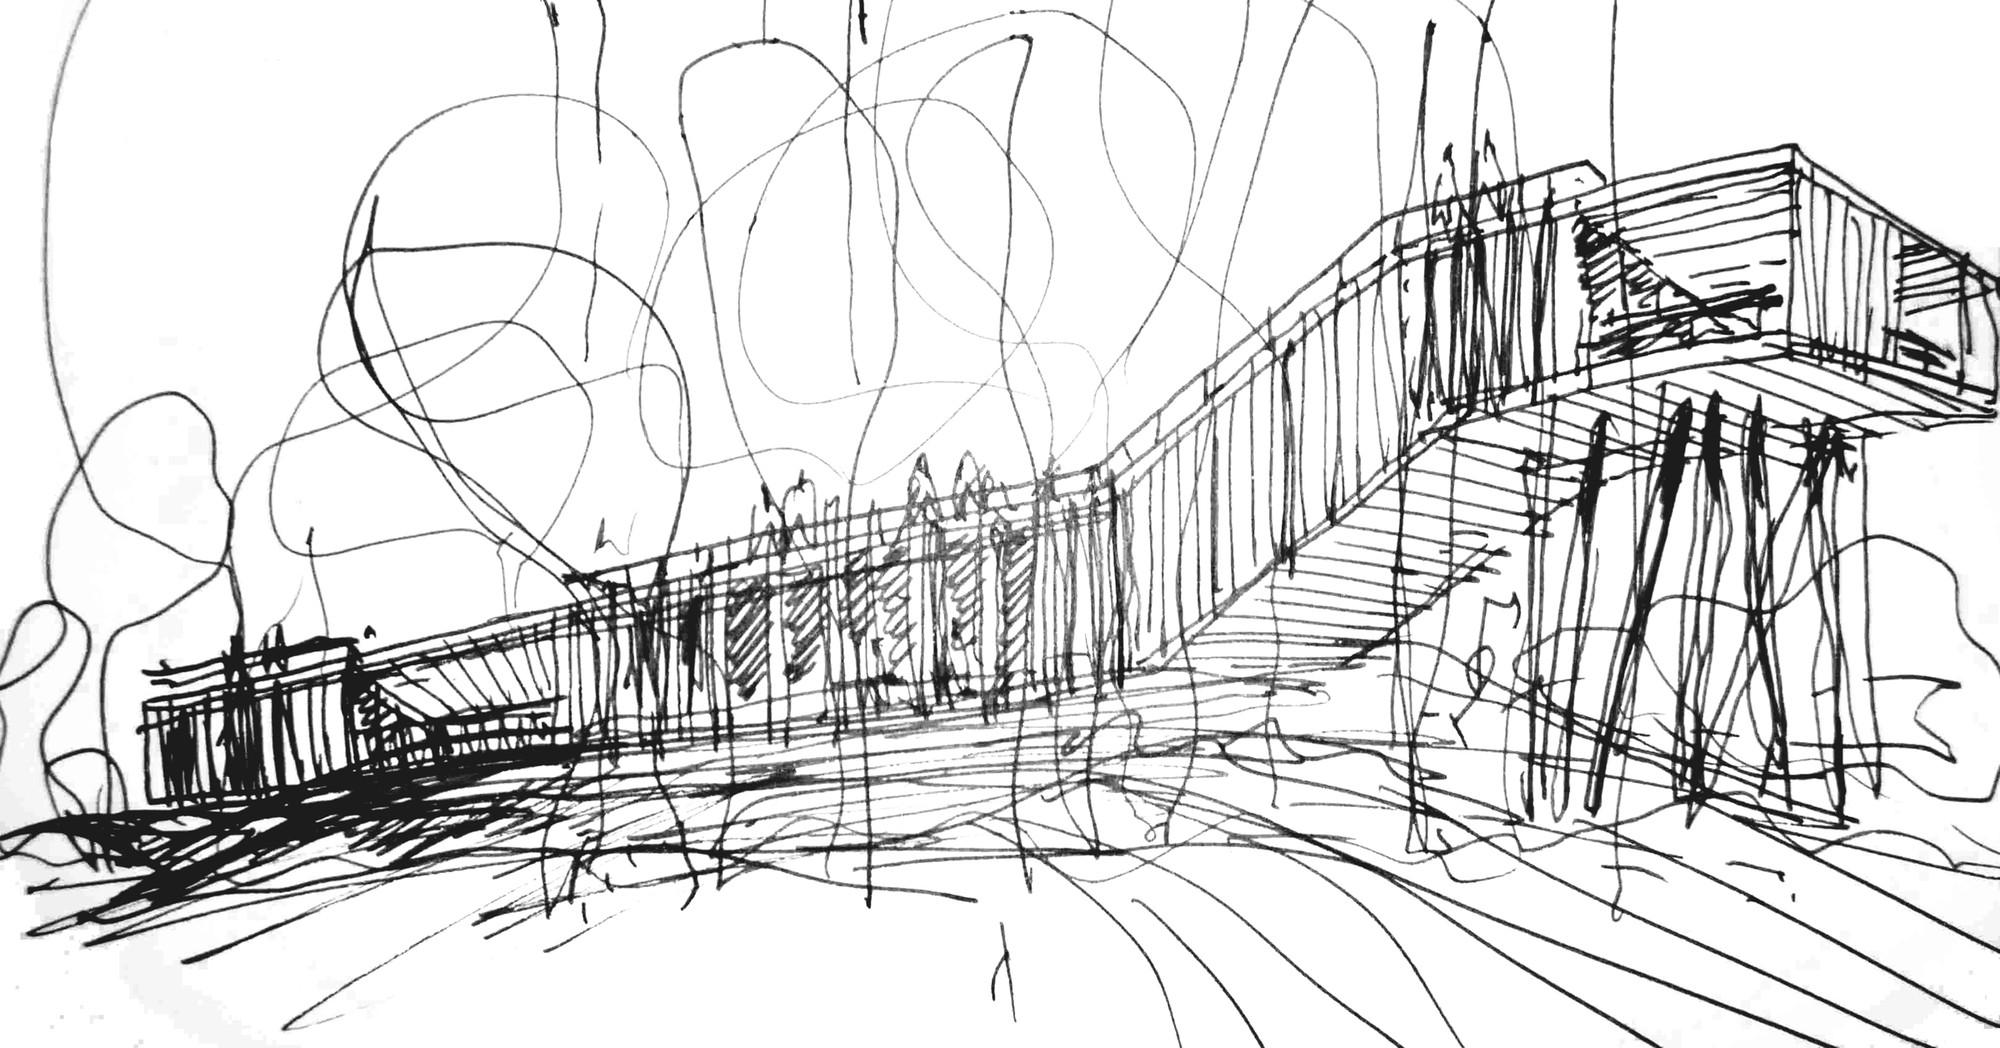 Croquis. Image Cortesia de Estudio Borrachia Arquitectos